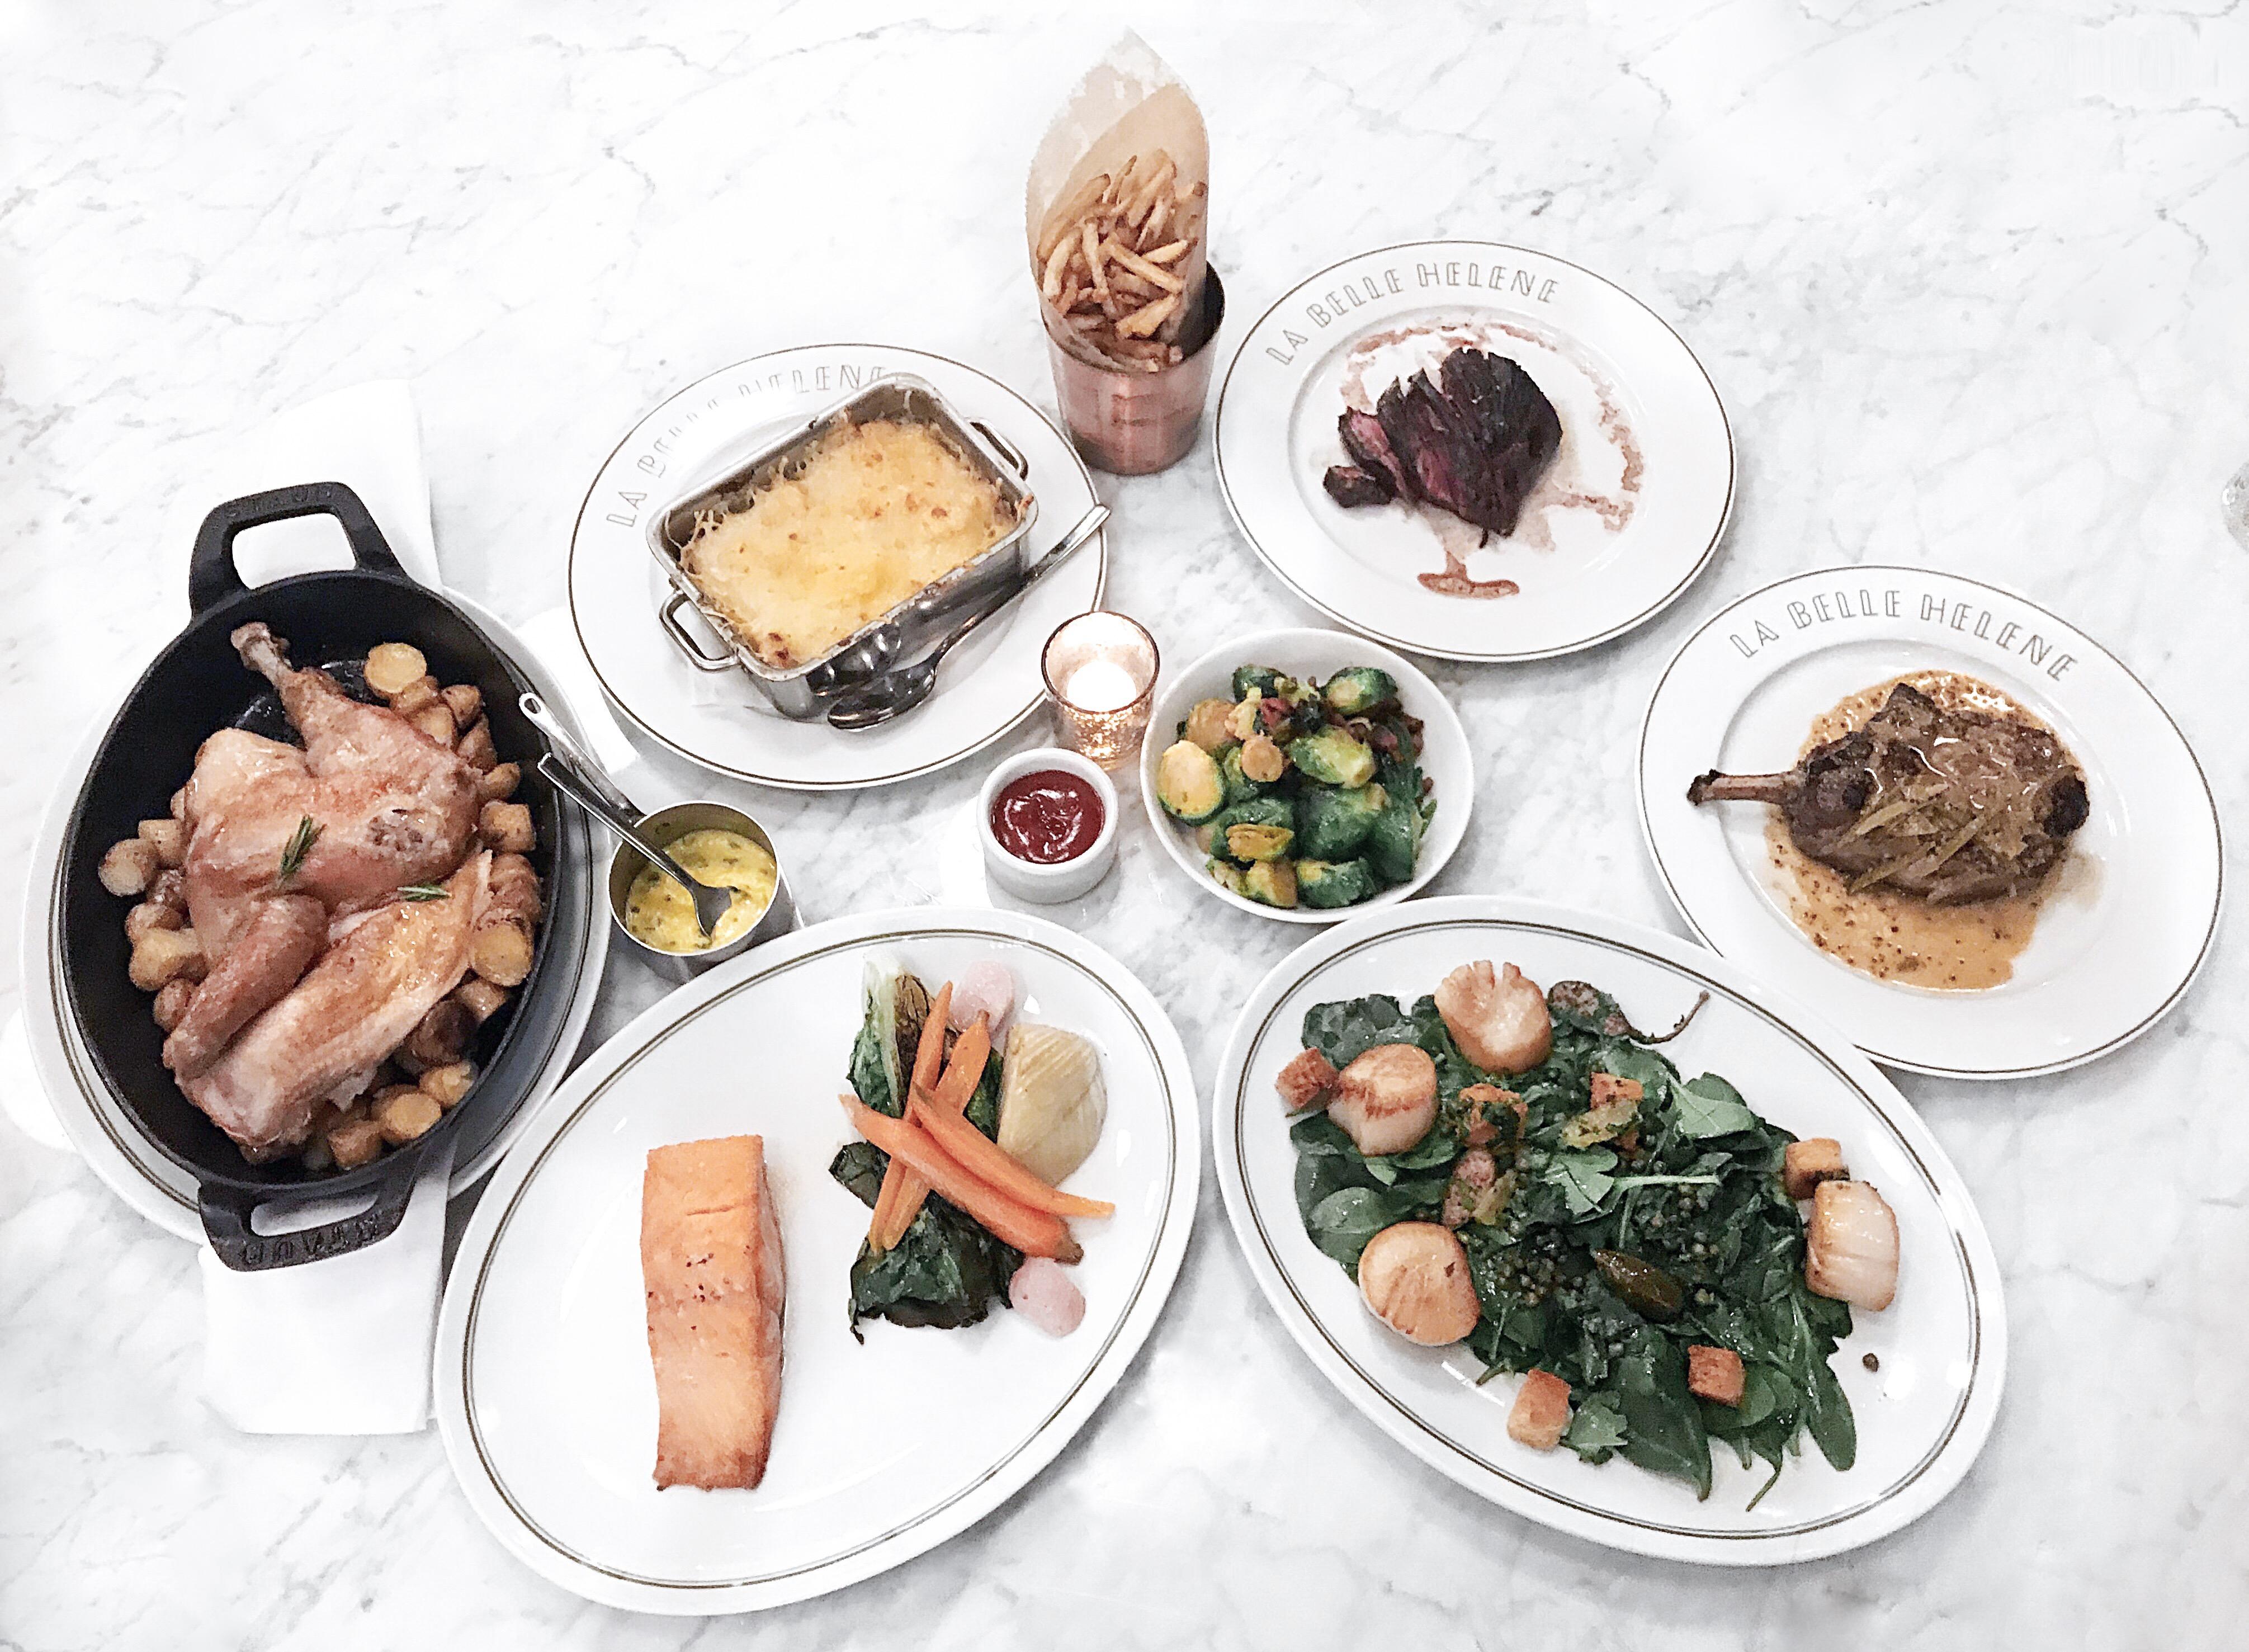 La Belle Helene French Restaurant Charlotte